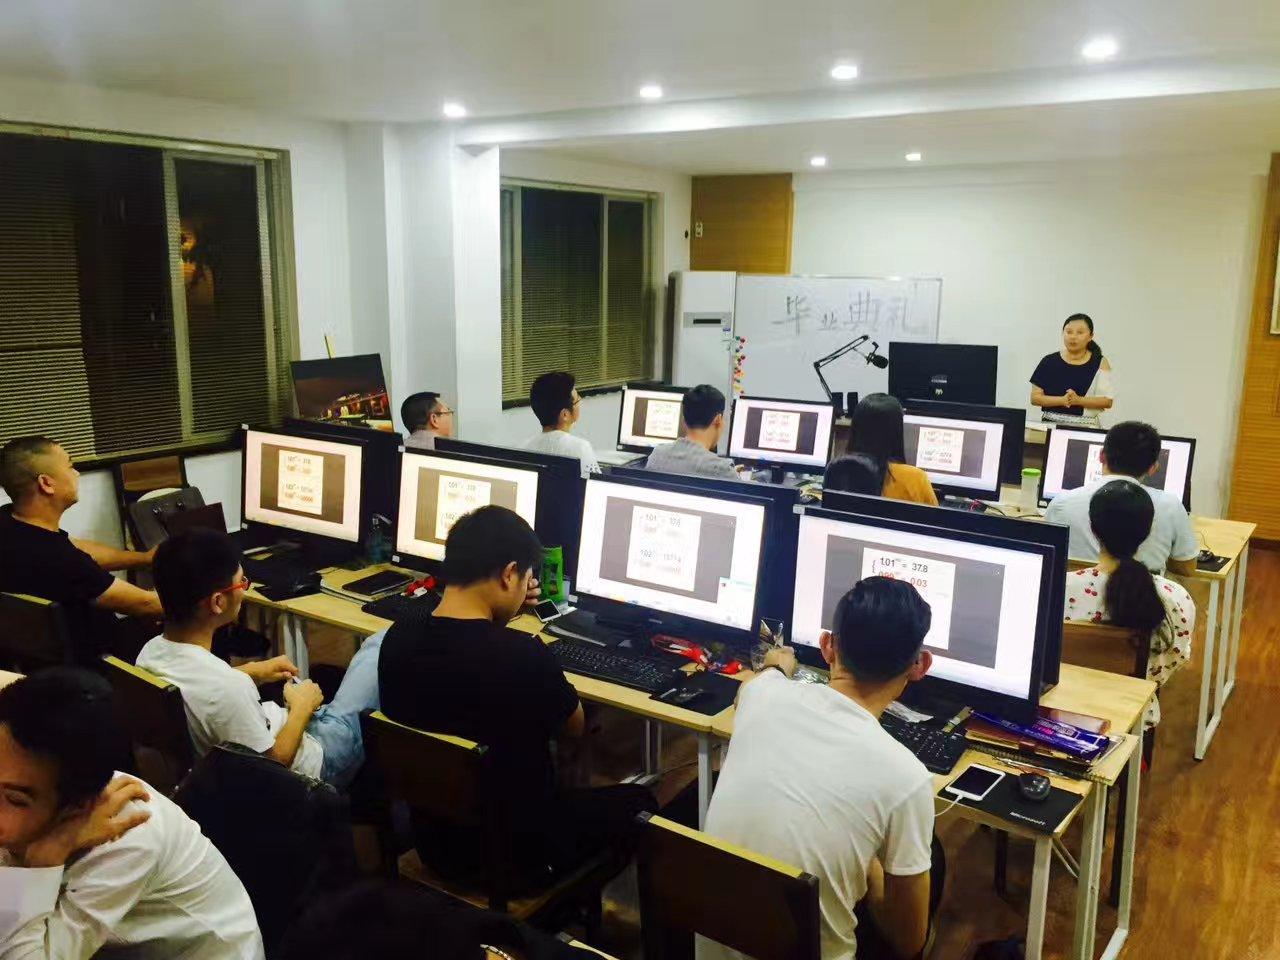 吴江电脑办公培训包教包会